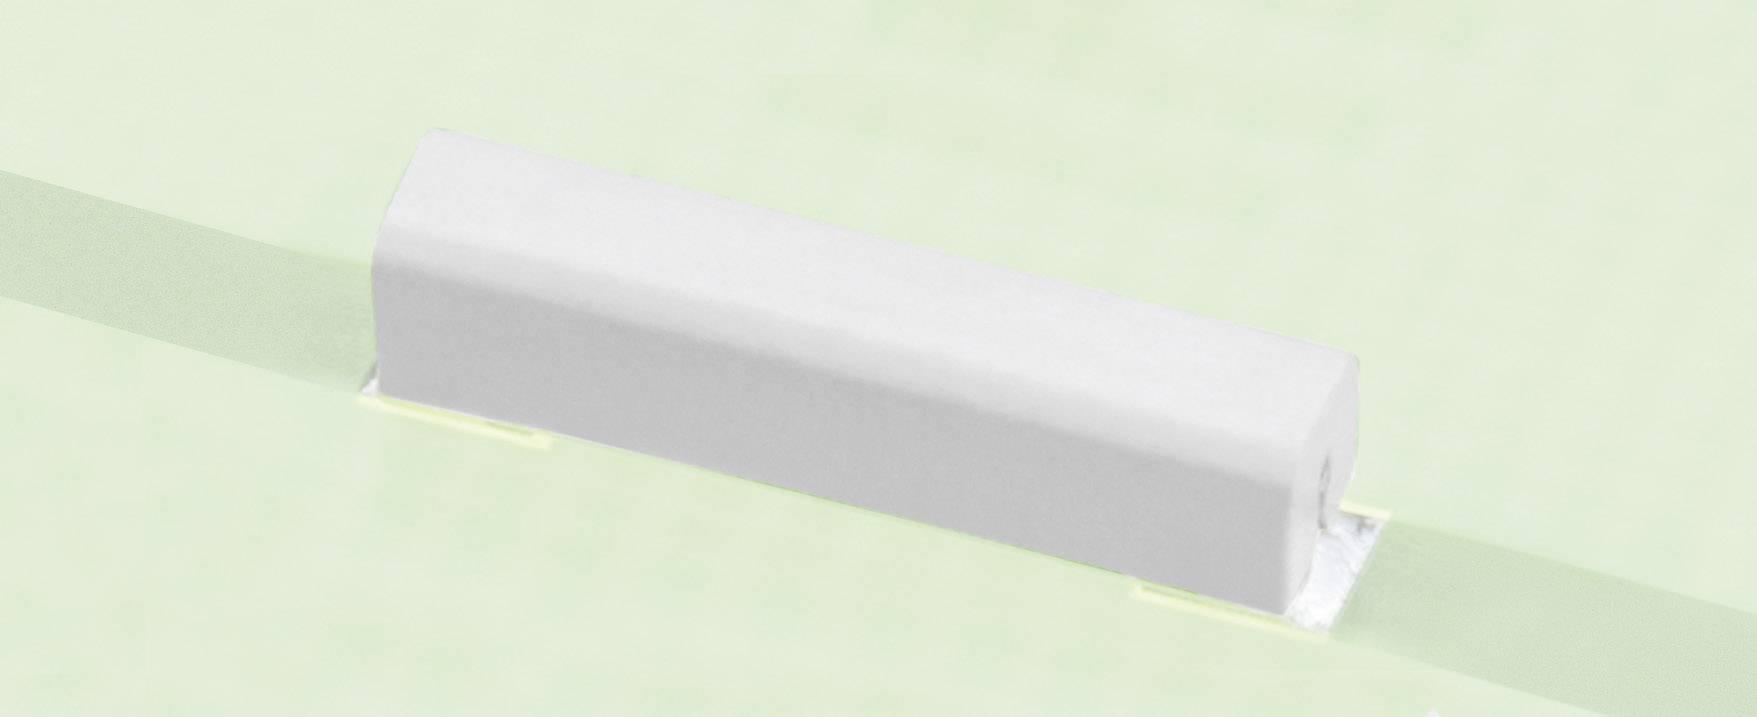 SMD jazýčkový kontakt PRX série Hamlin, 30 V/DC/AC, 1 W, 0,05 A